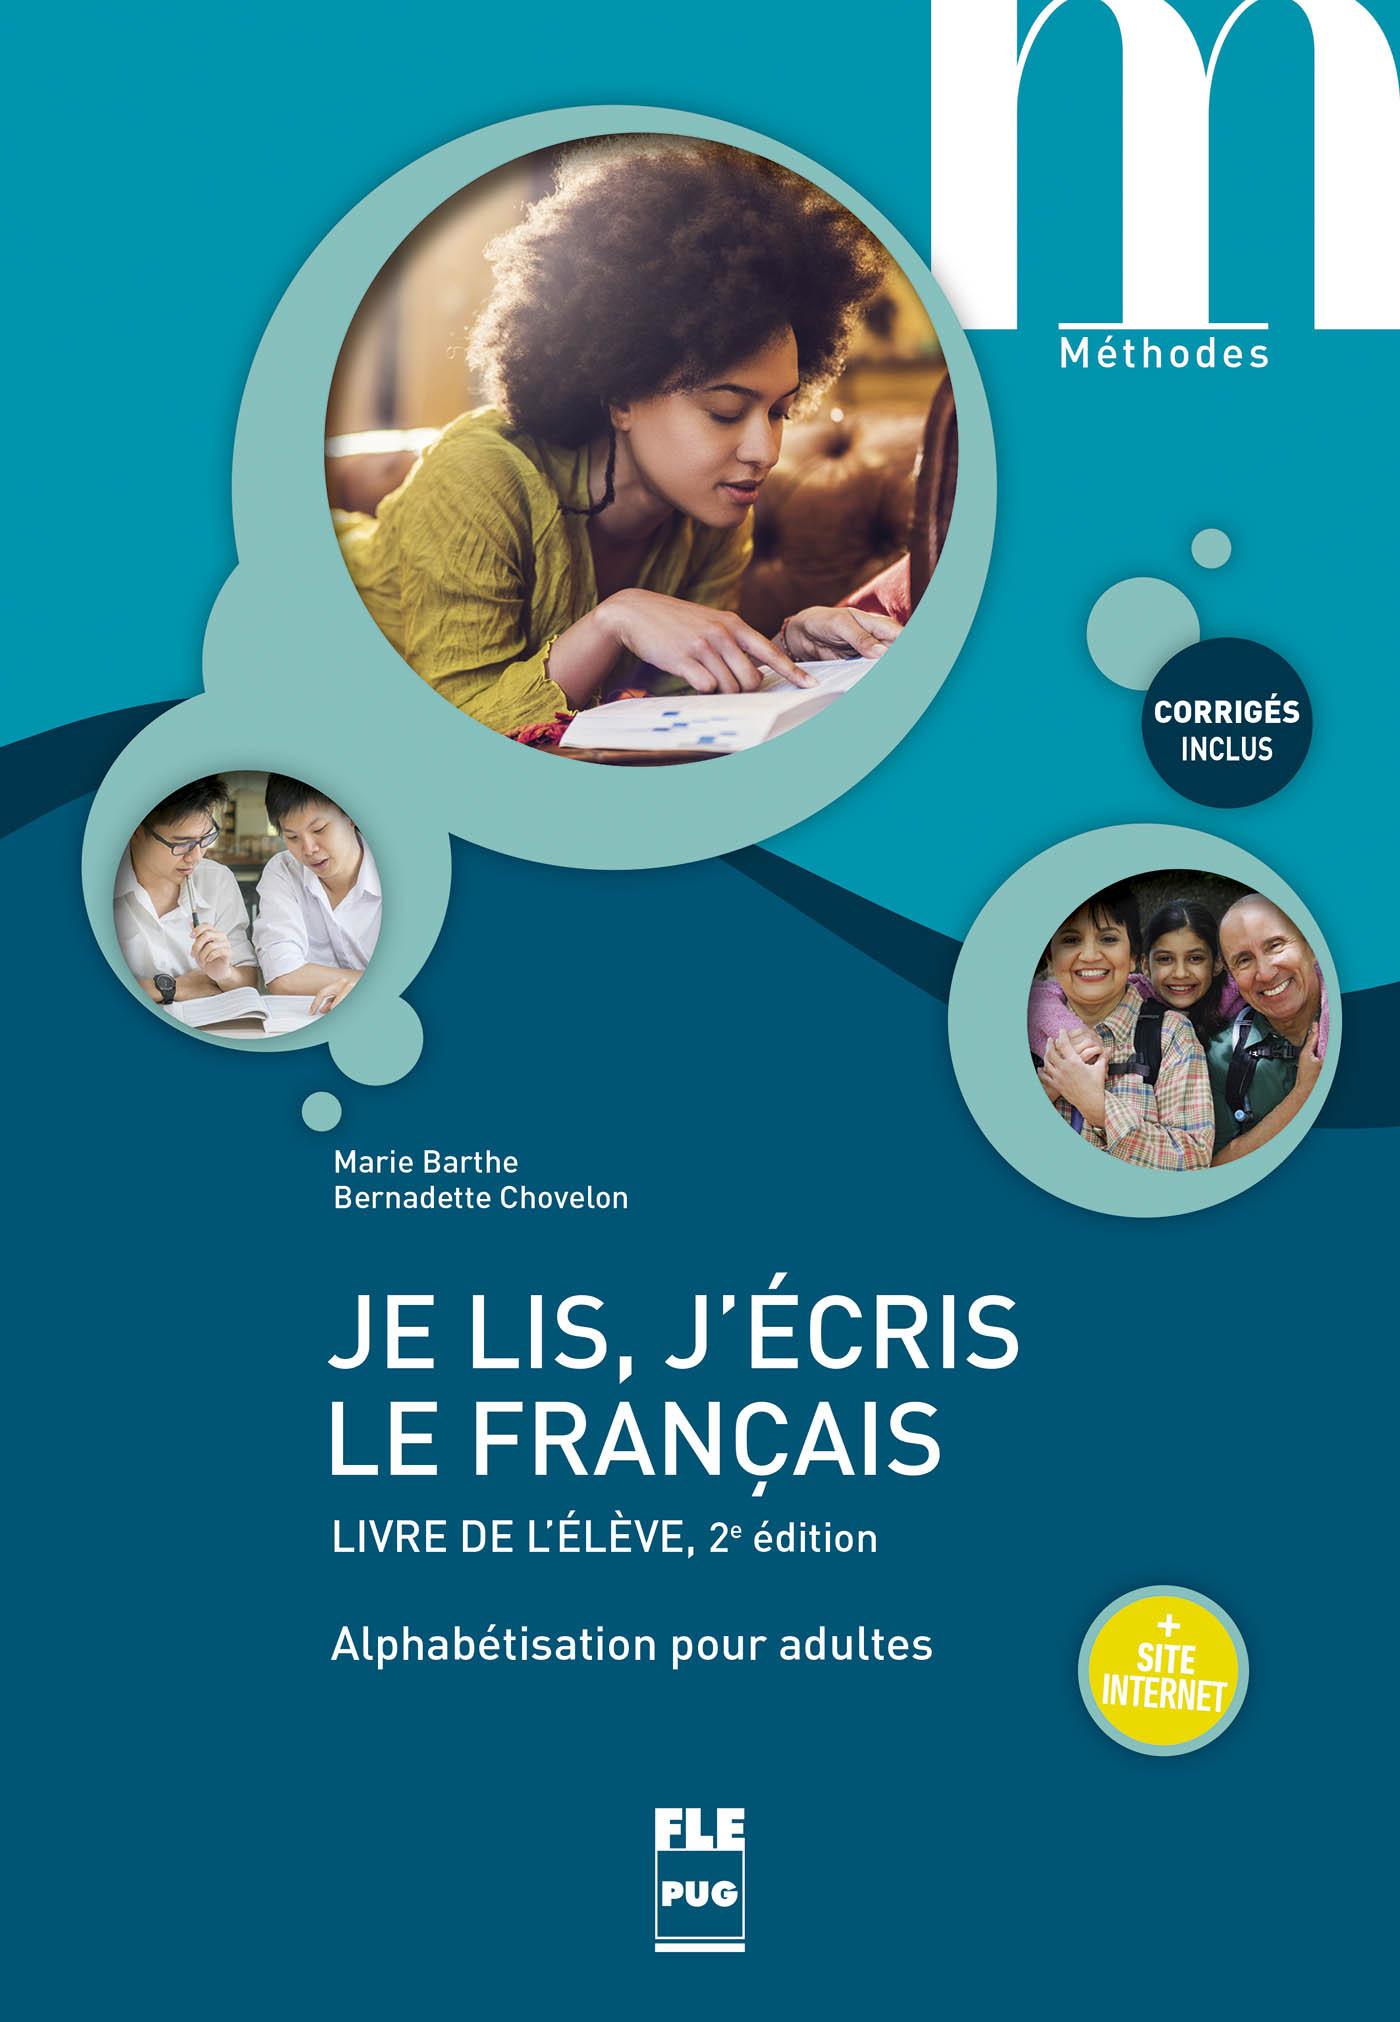 JE LIS, J'ECRIS LE FRANCAIS- LIVRE DE L'ELEVE - 2E  EDITION